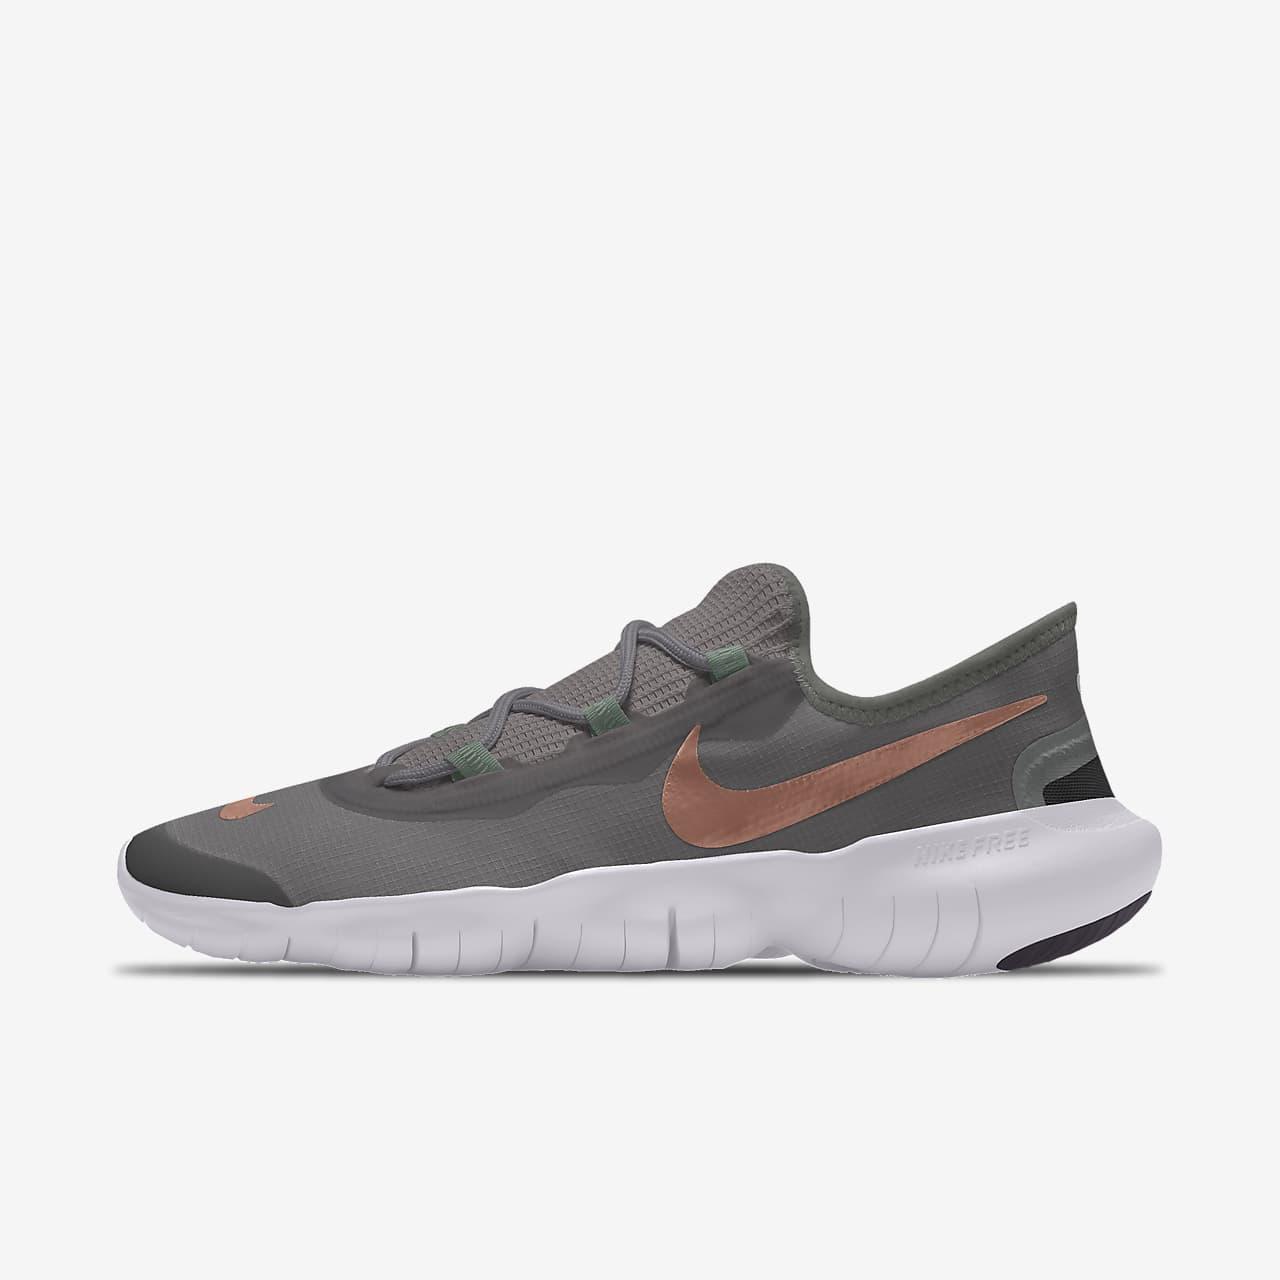 Nike Free RN 5.0 By You 客製女款跑鞋